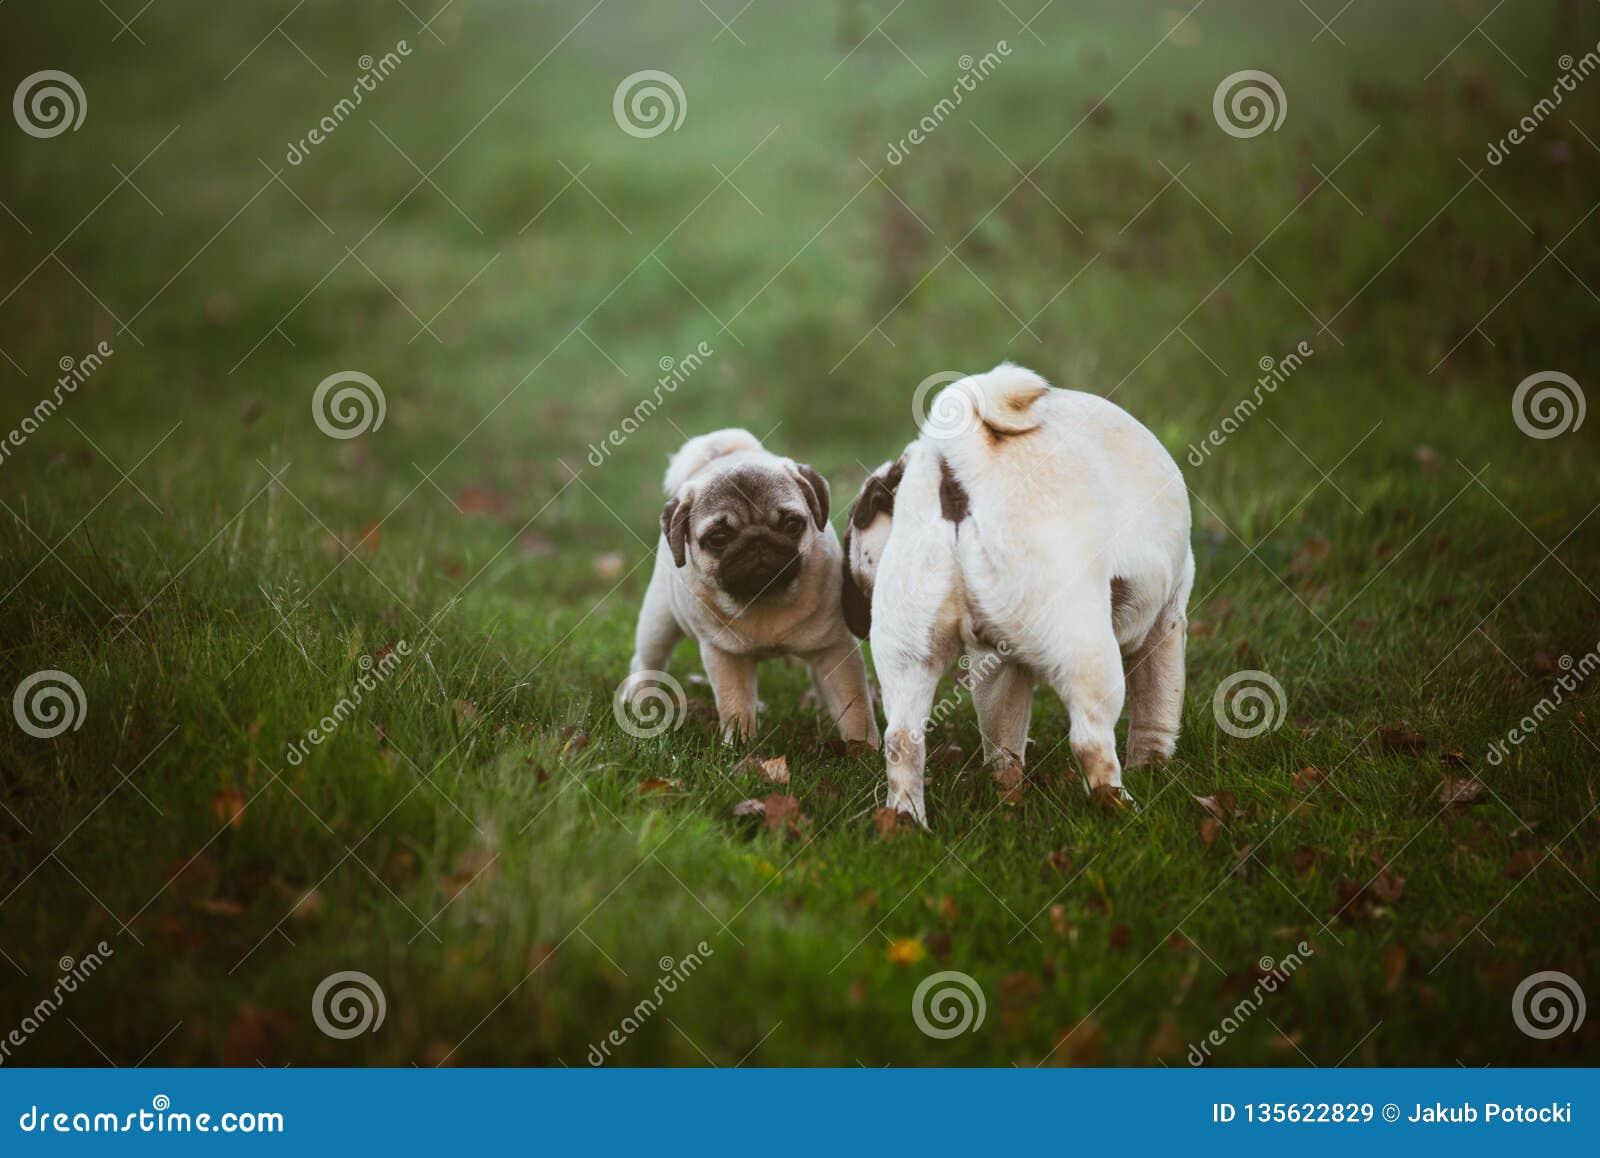 Un chiot, roquet avec un visage effrayé et sa mère qui le renifle sur une herbe foncée verte, pré, champ ou dans un jardin